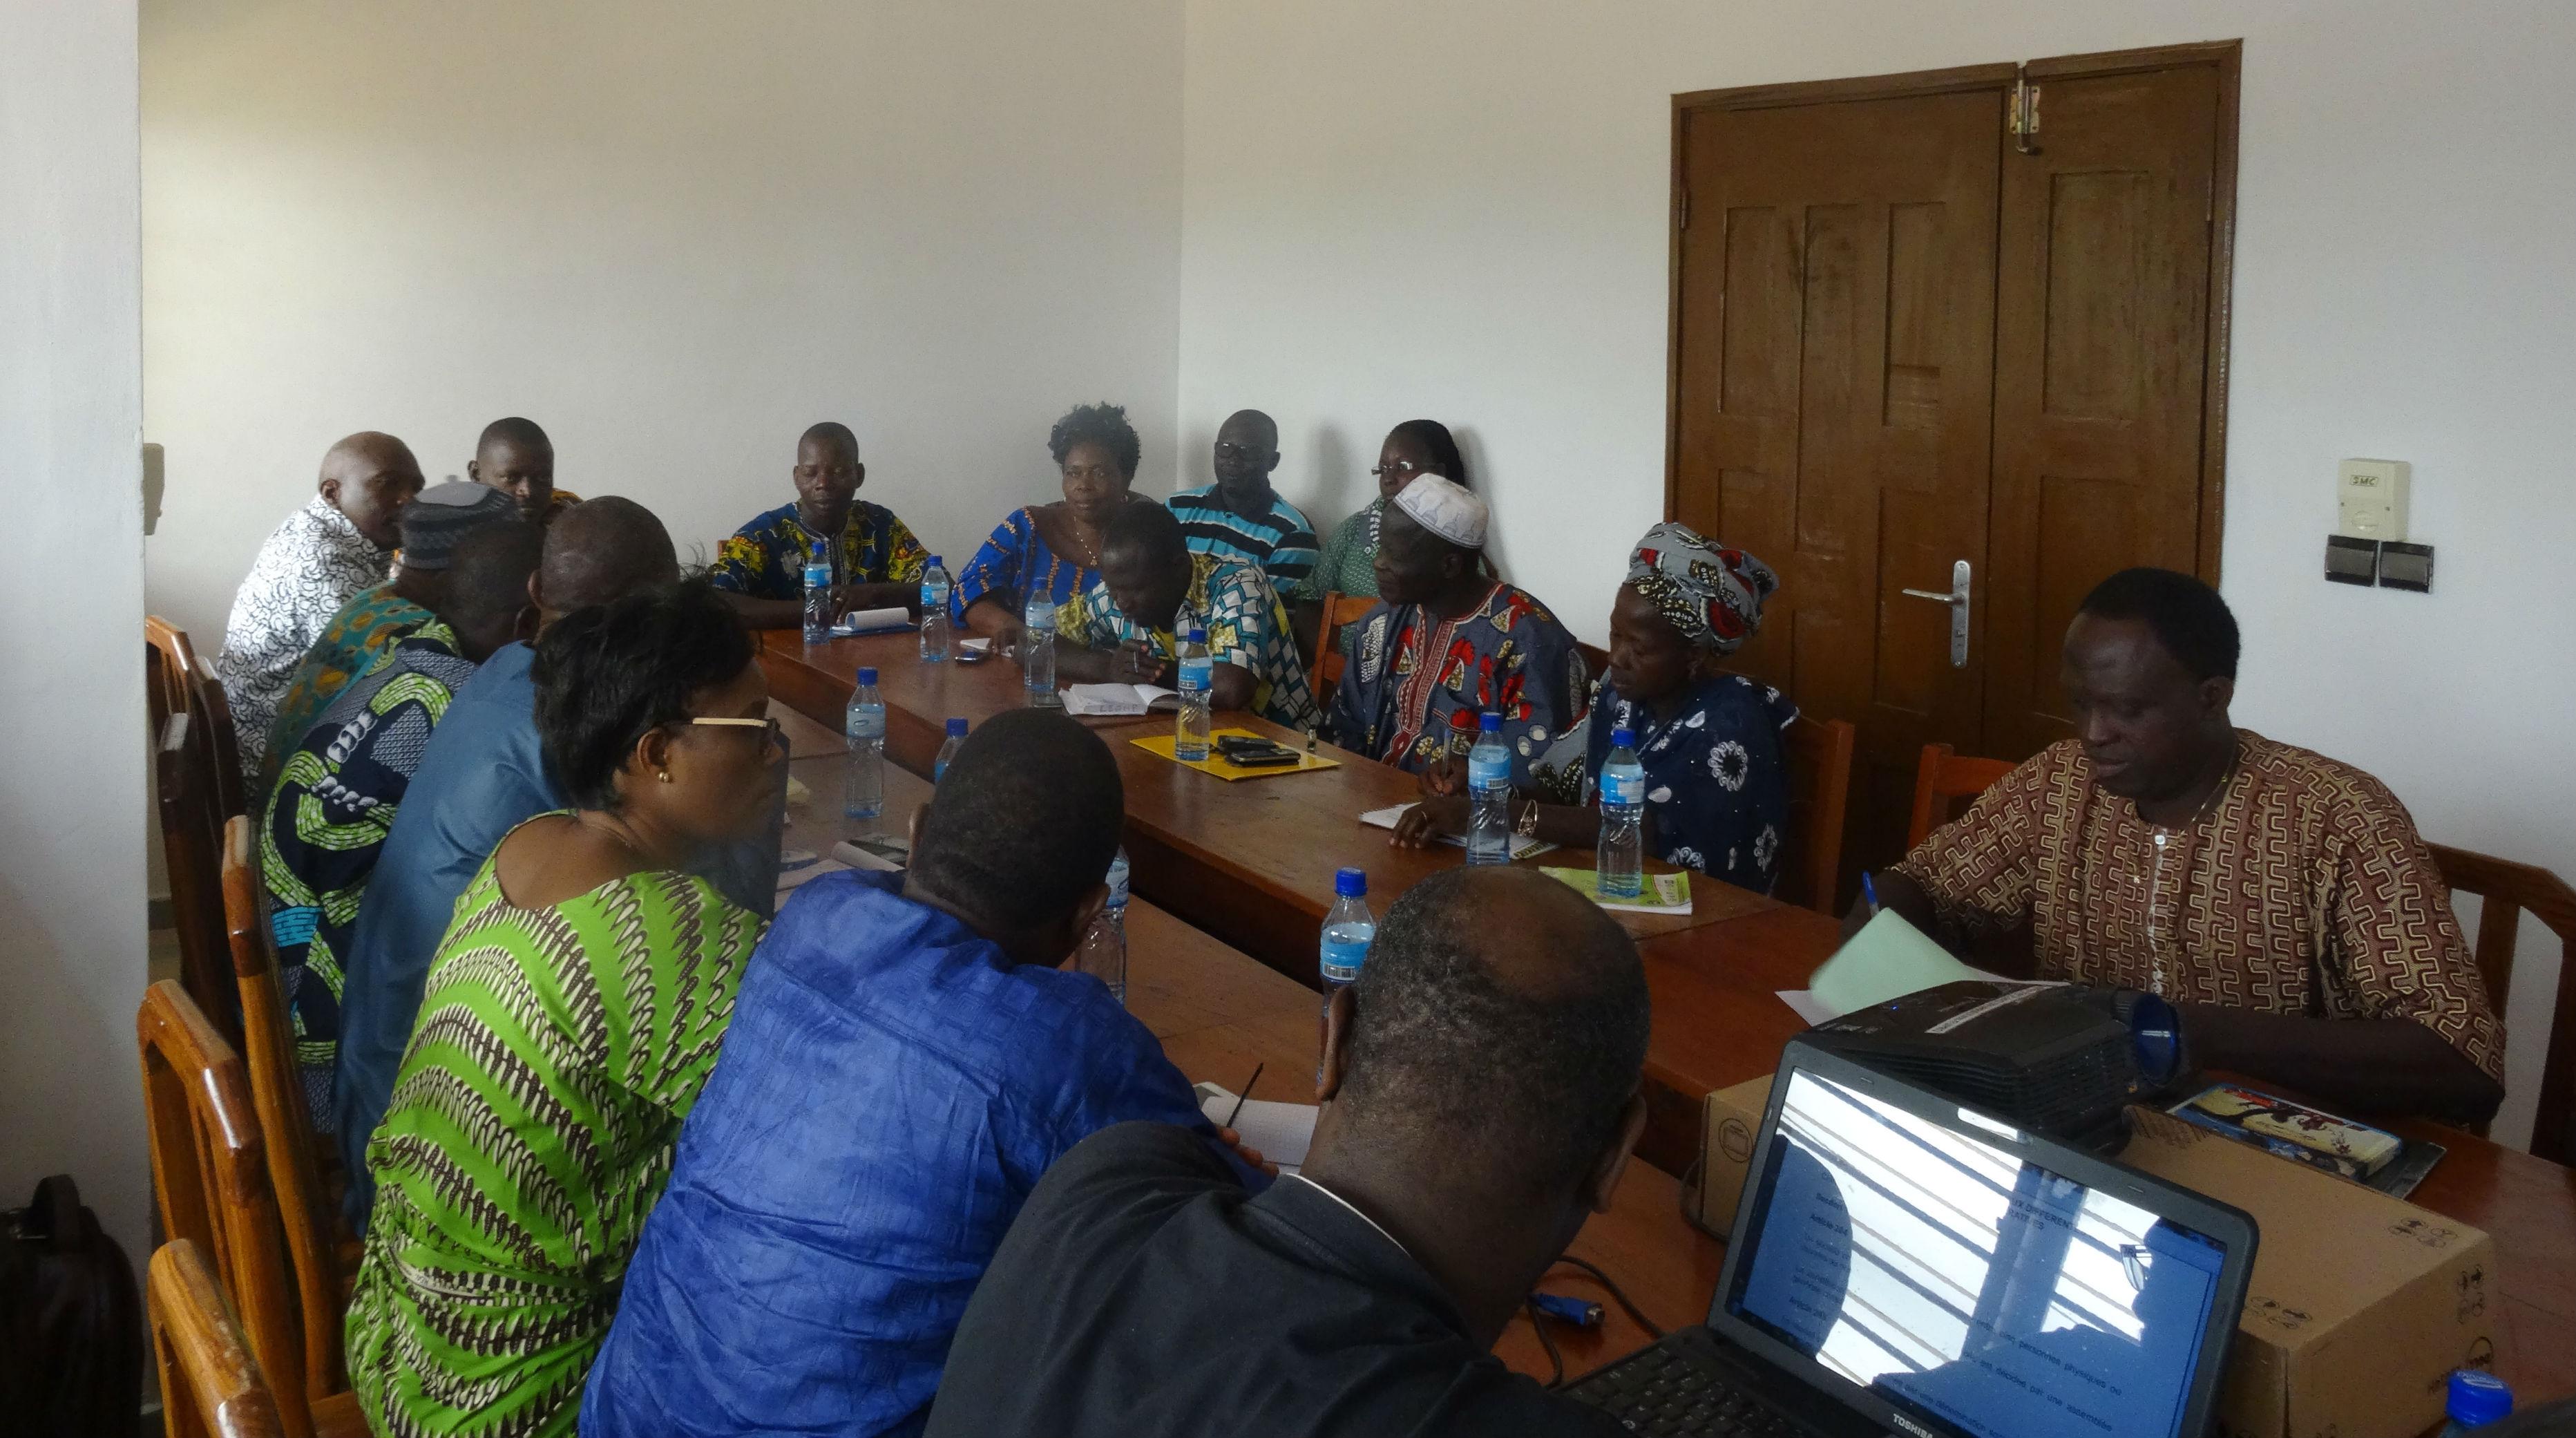 Assemblée Générale Ordinaire (AGO) de la coopérative de distribution d'intrants et de commercialisation des produits agricoles (Coop DICPA).